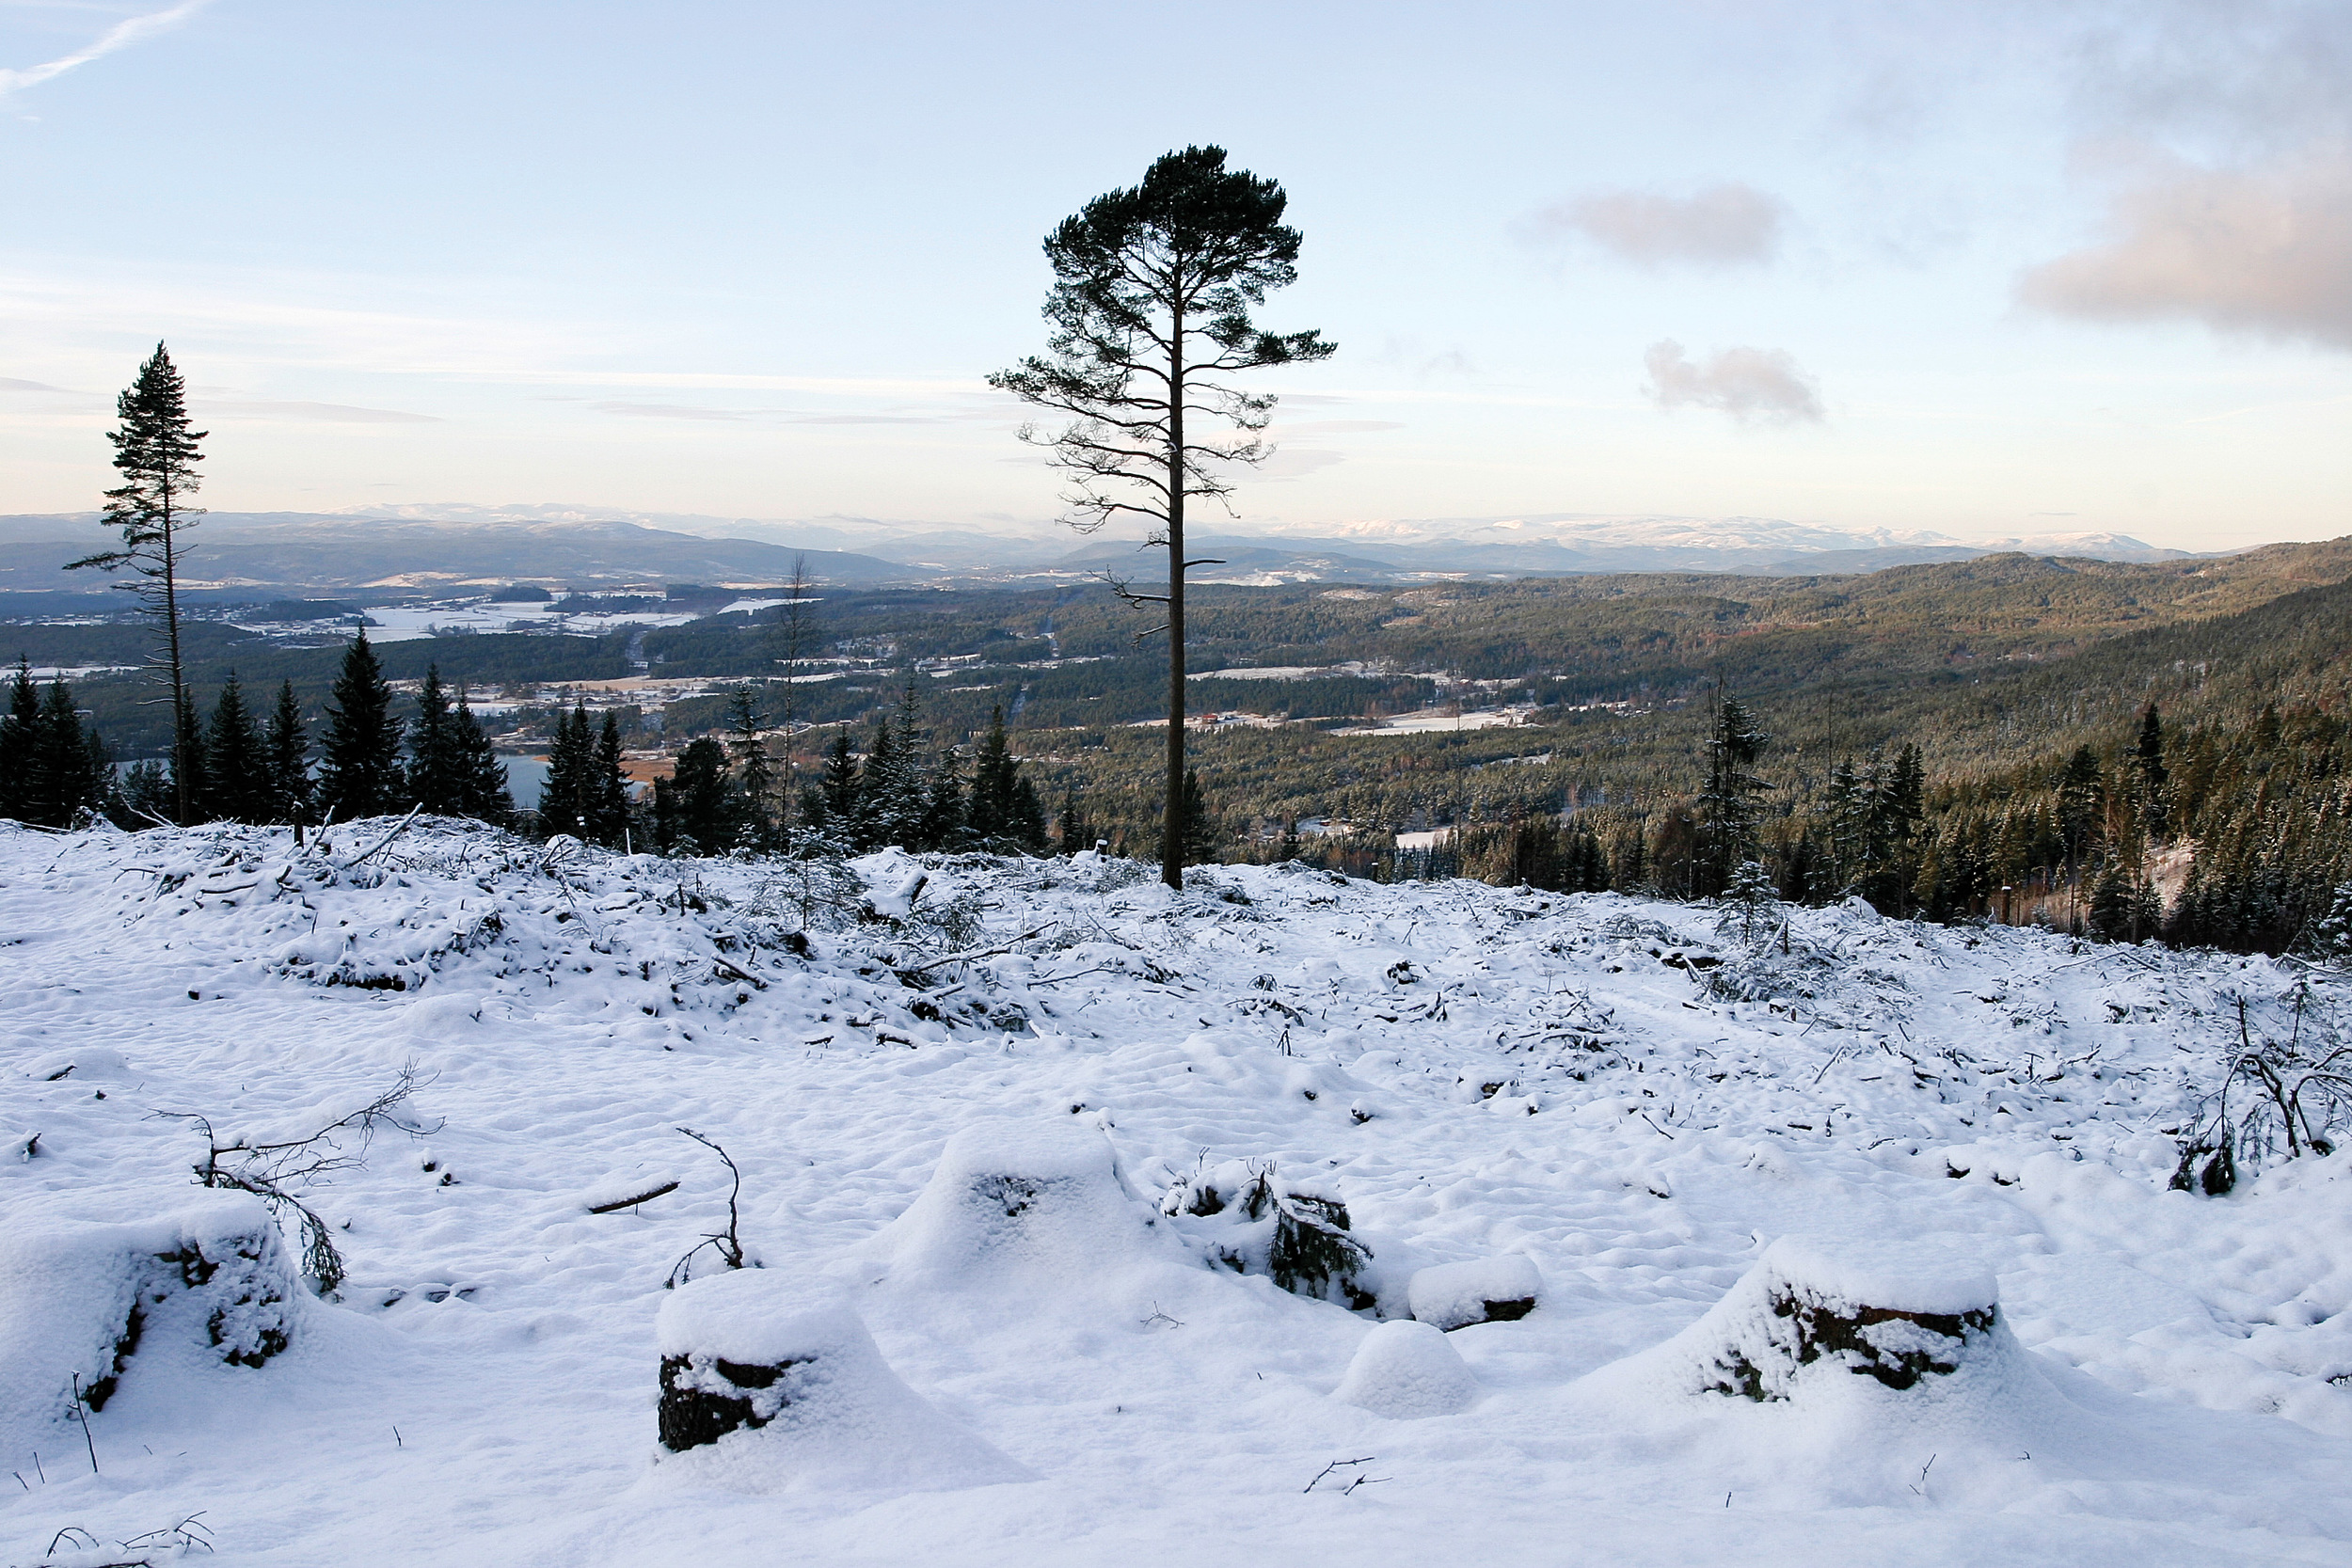 Etter hogst skal det settes igjen minst fem stormsterke livsløpstrær per hektar. Ringerike, Buskerud. Foto: John Yngvar Larsson, NIBIO